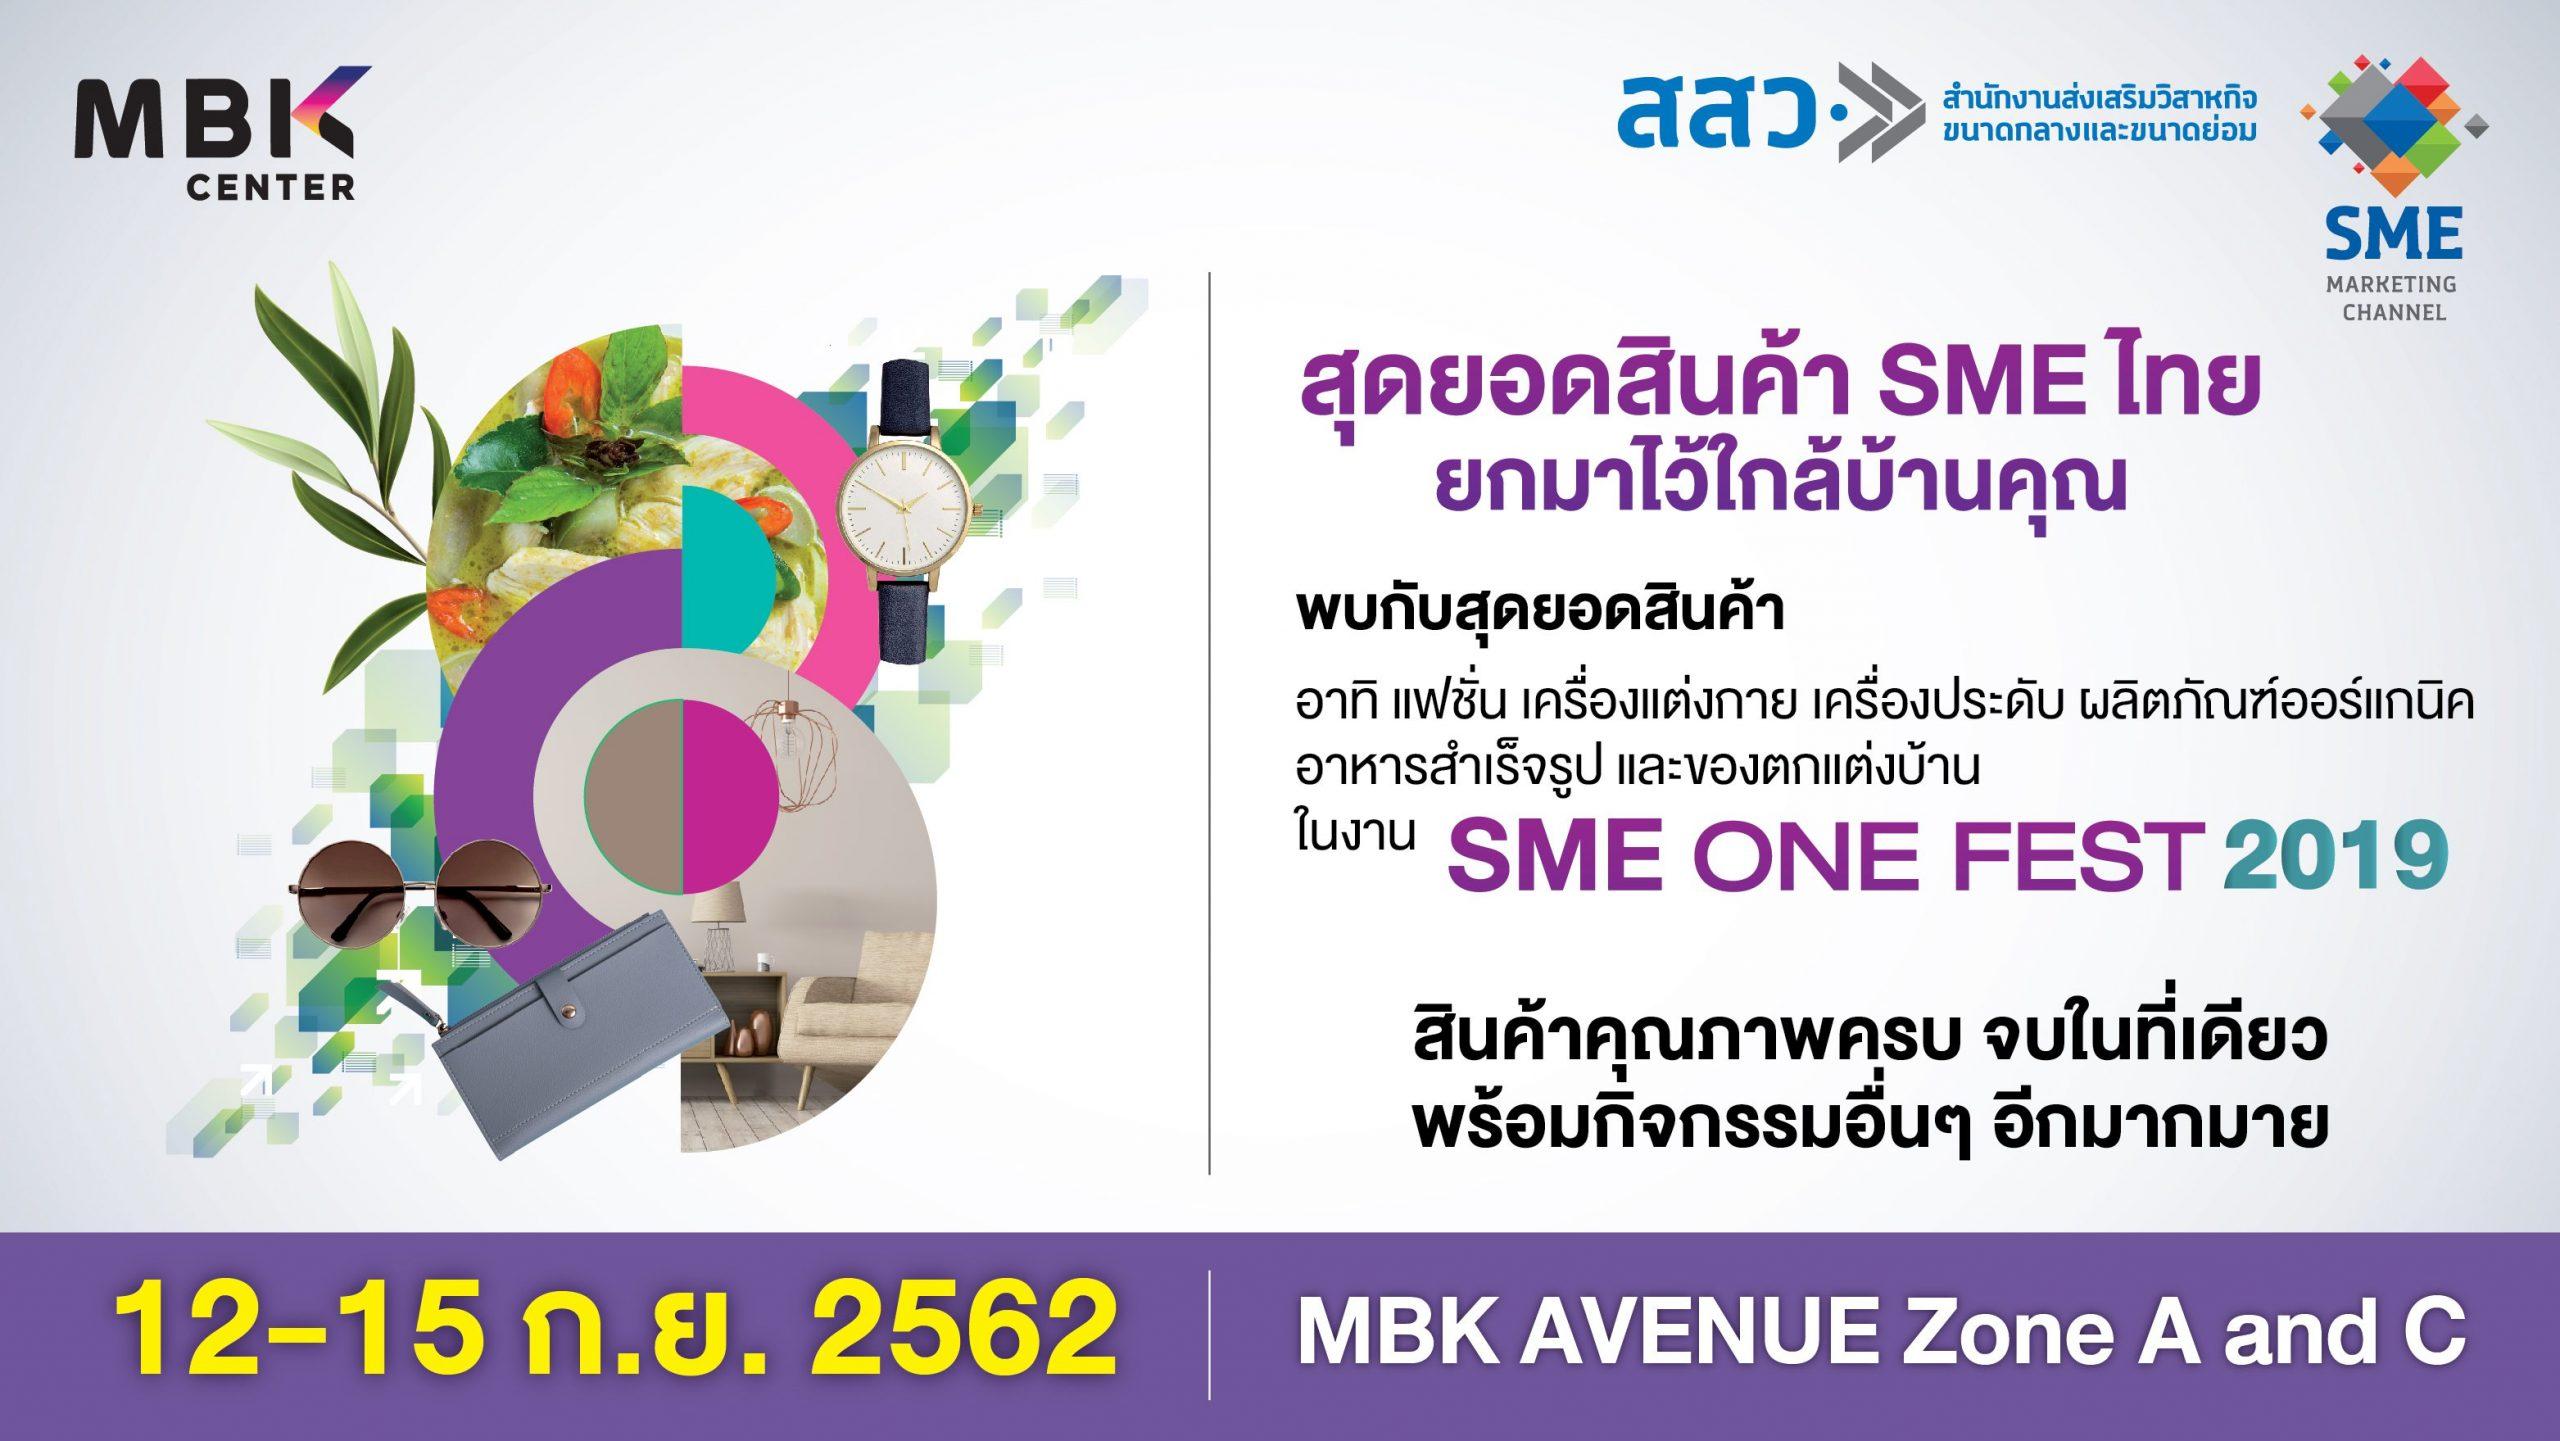 SME ONE FEST